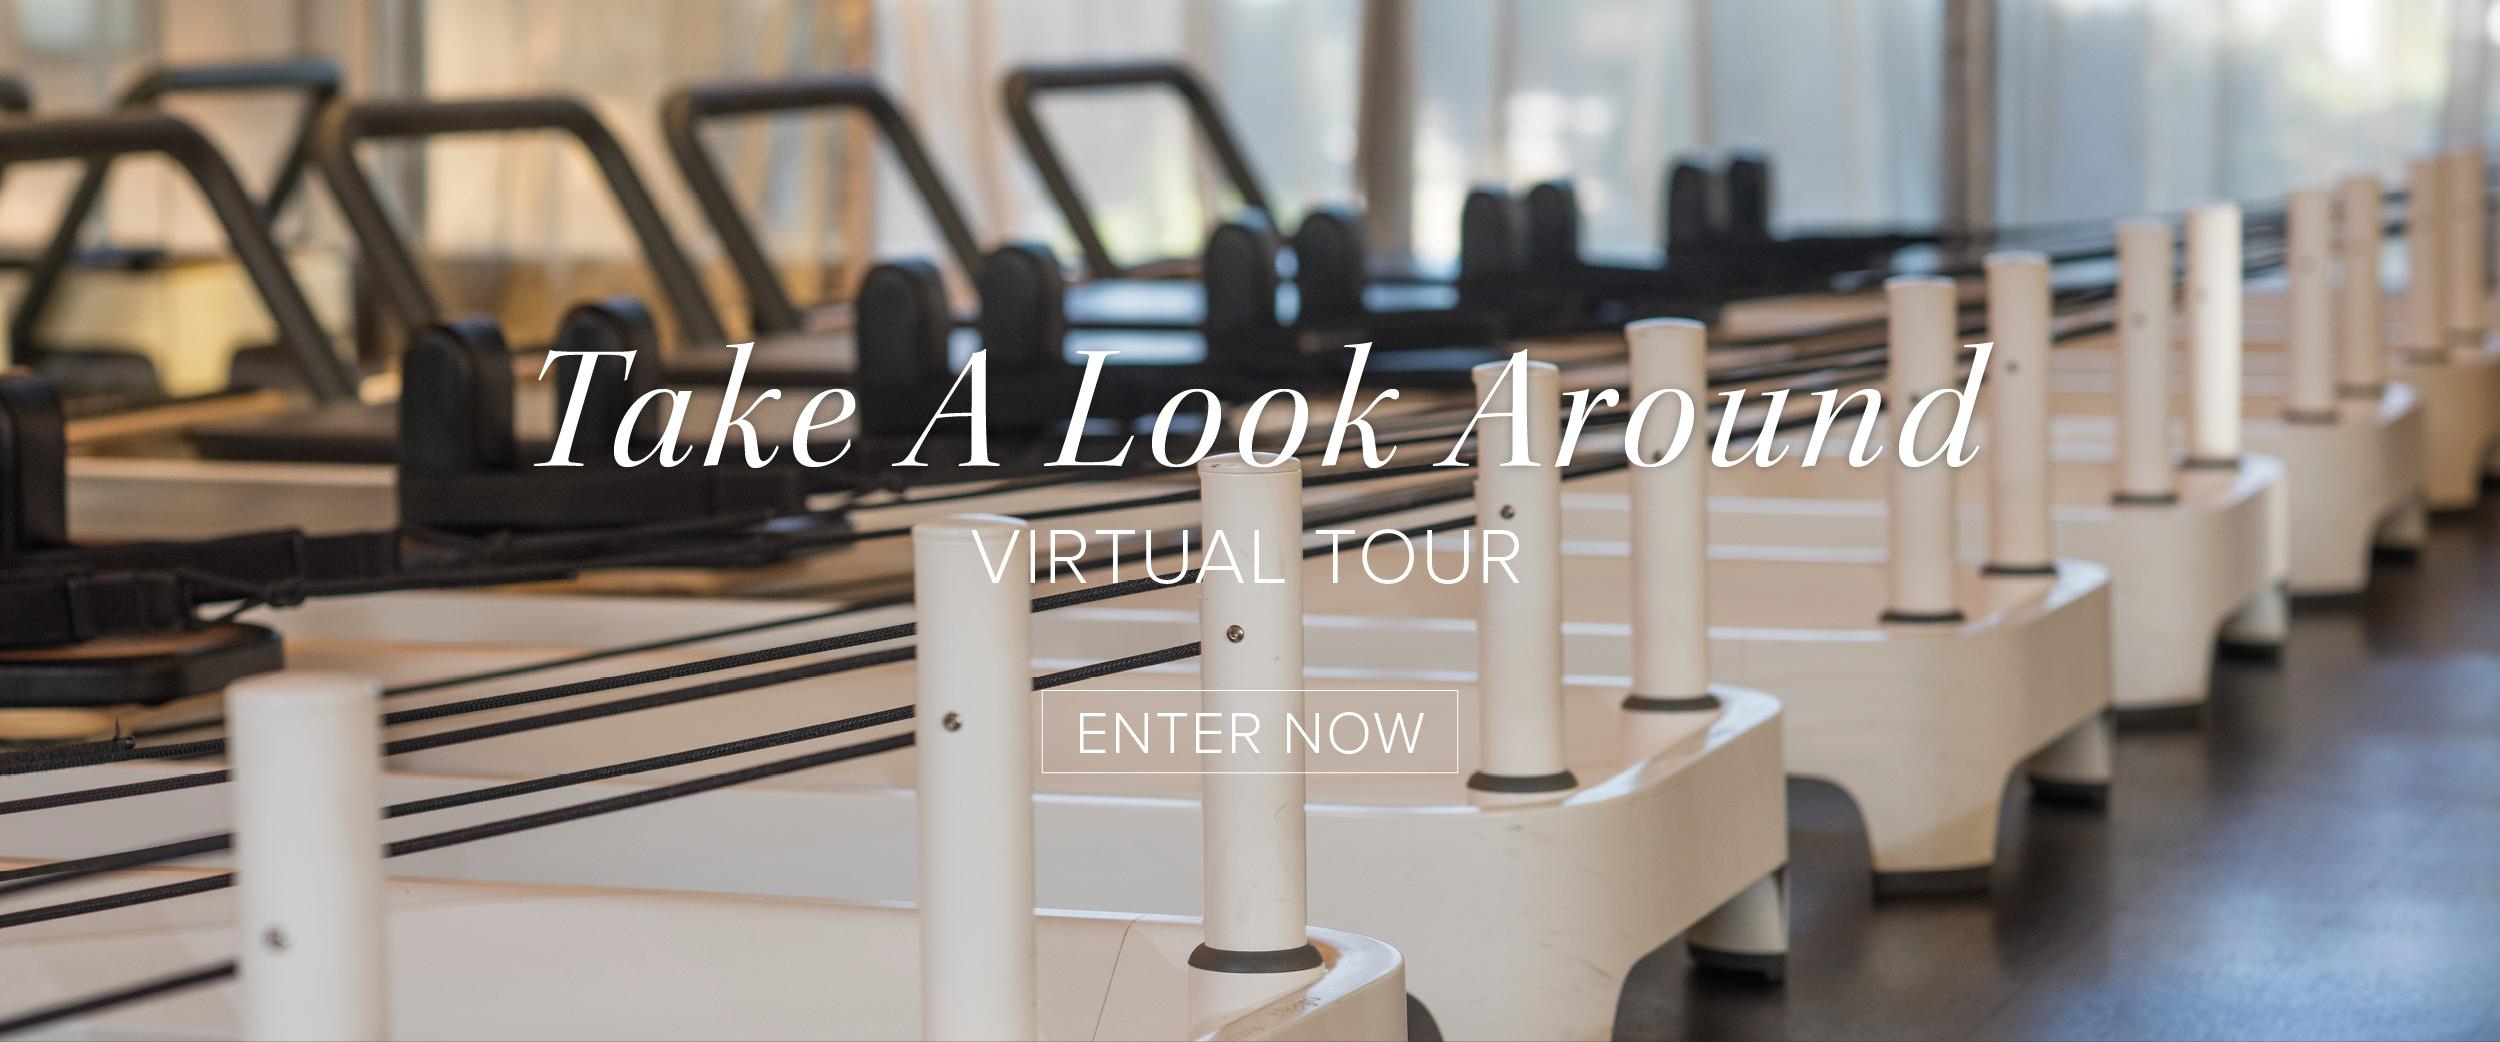 Elixr Health Clubs Virtual Tour